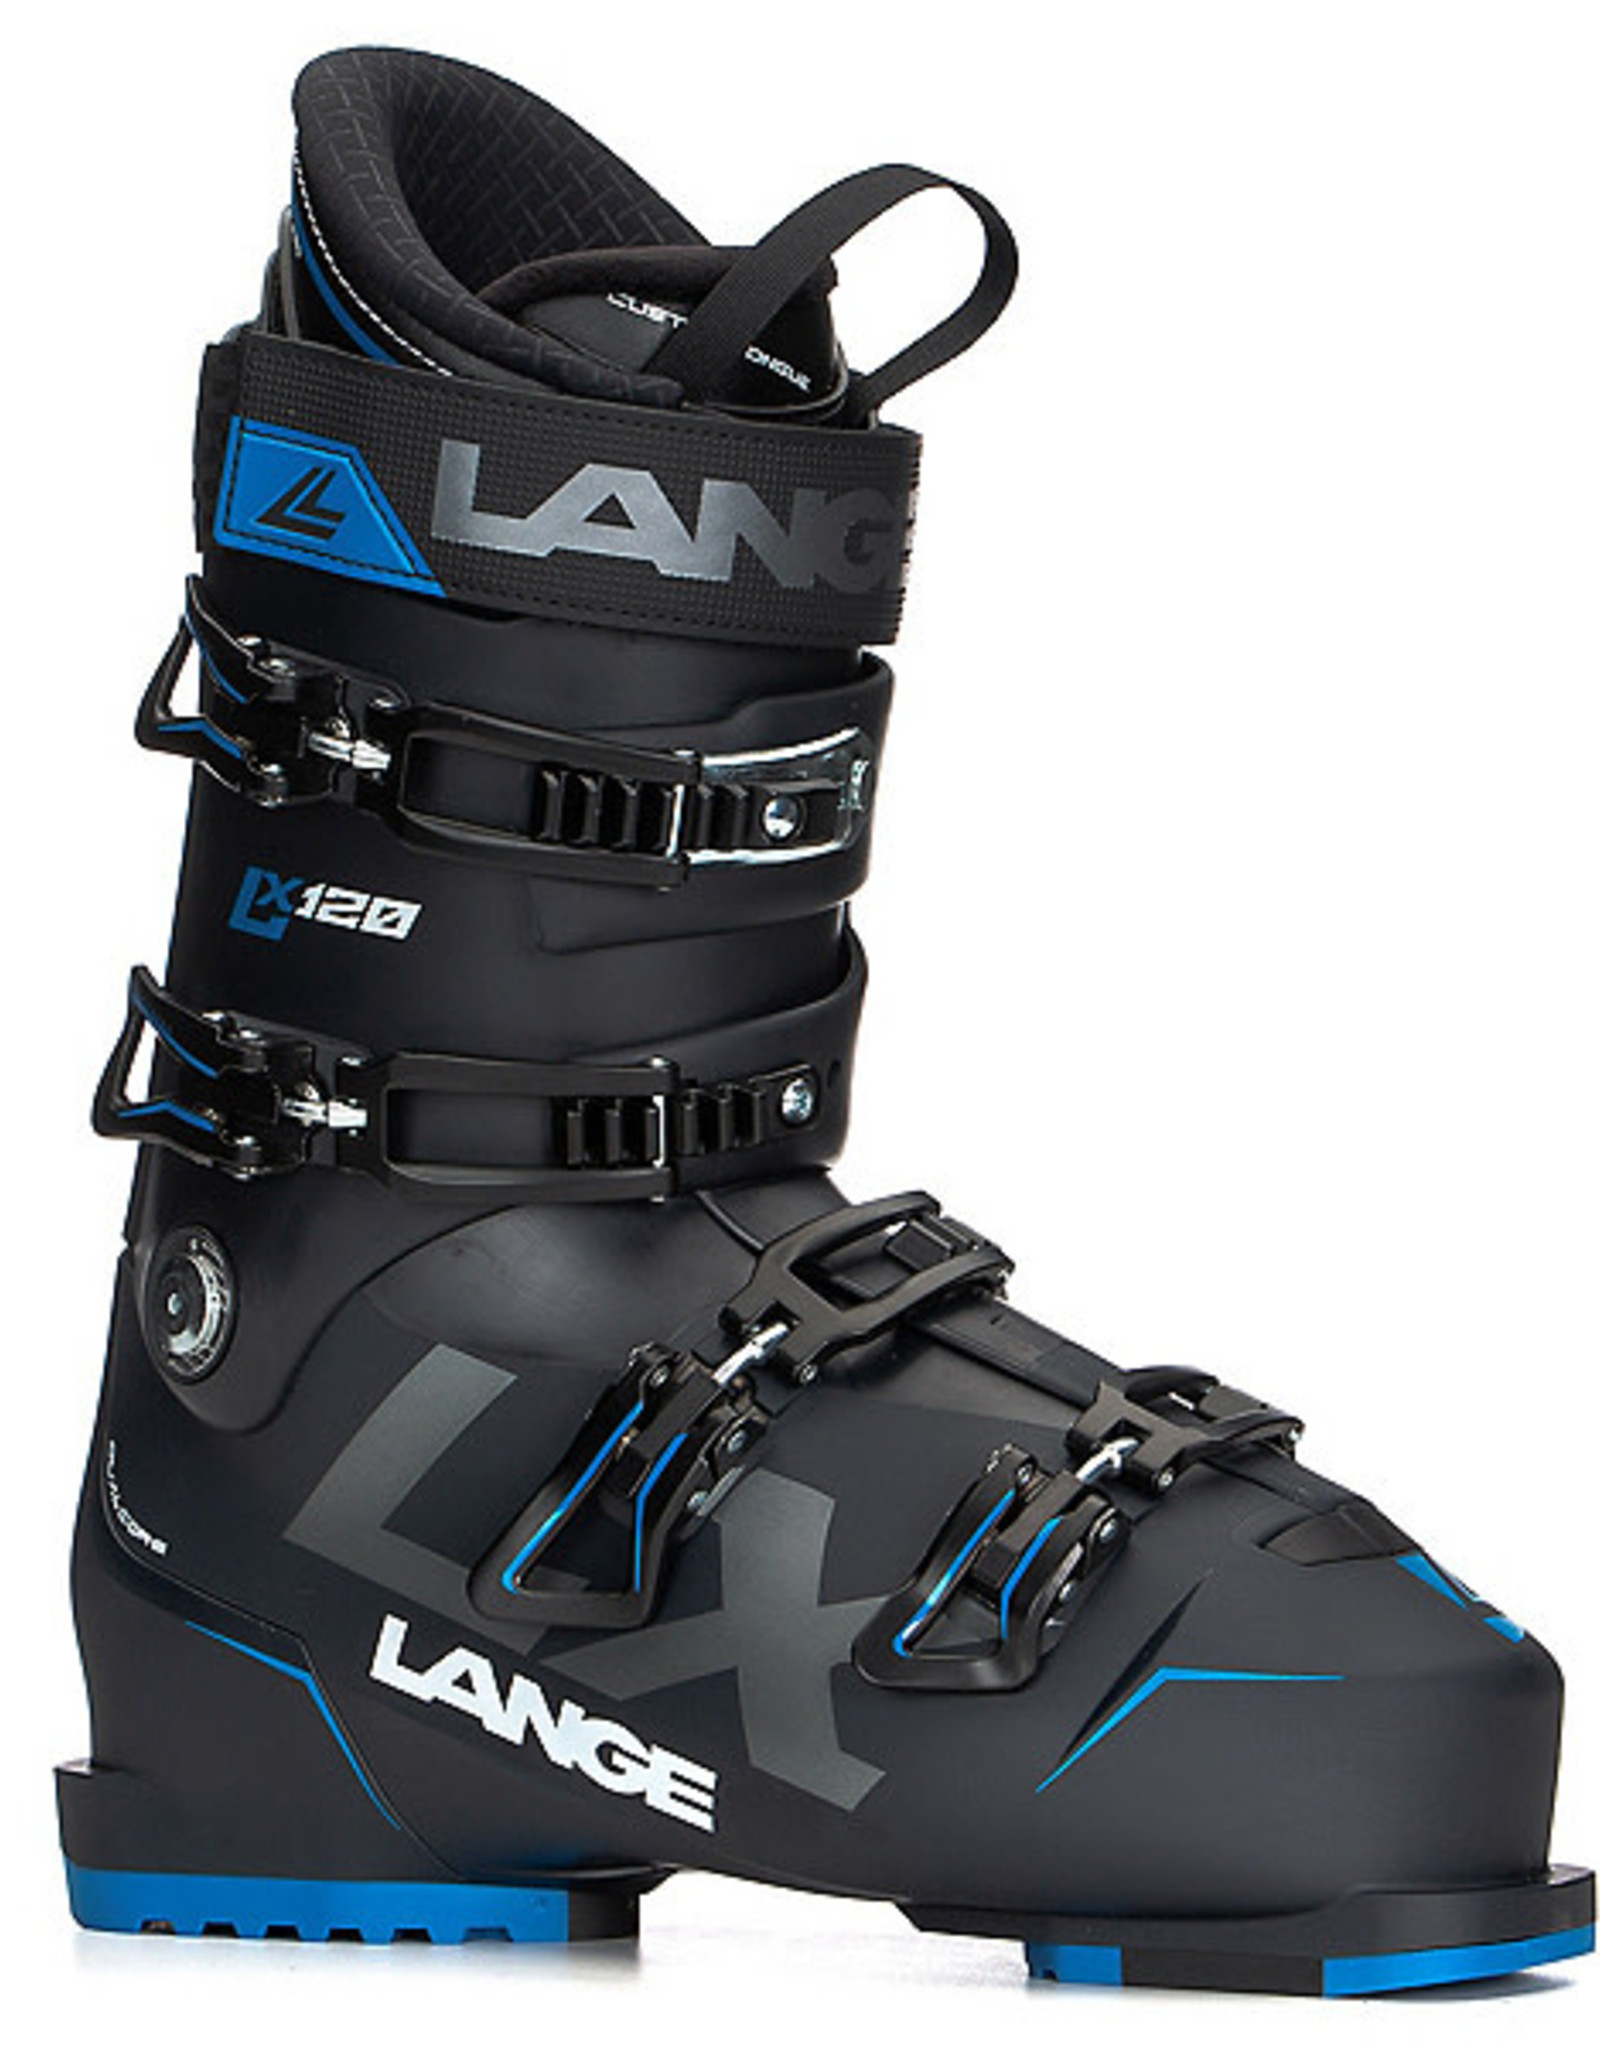 Lange LANGE Ski Boots LX 120 (19/20)